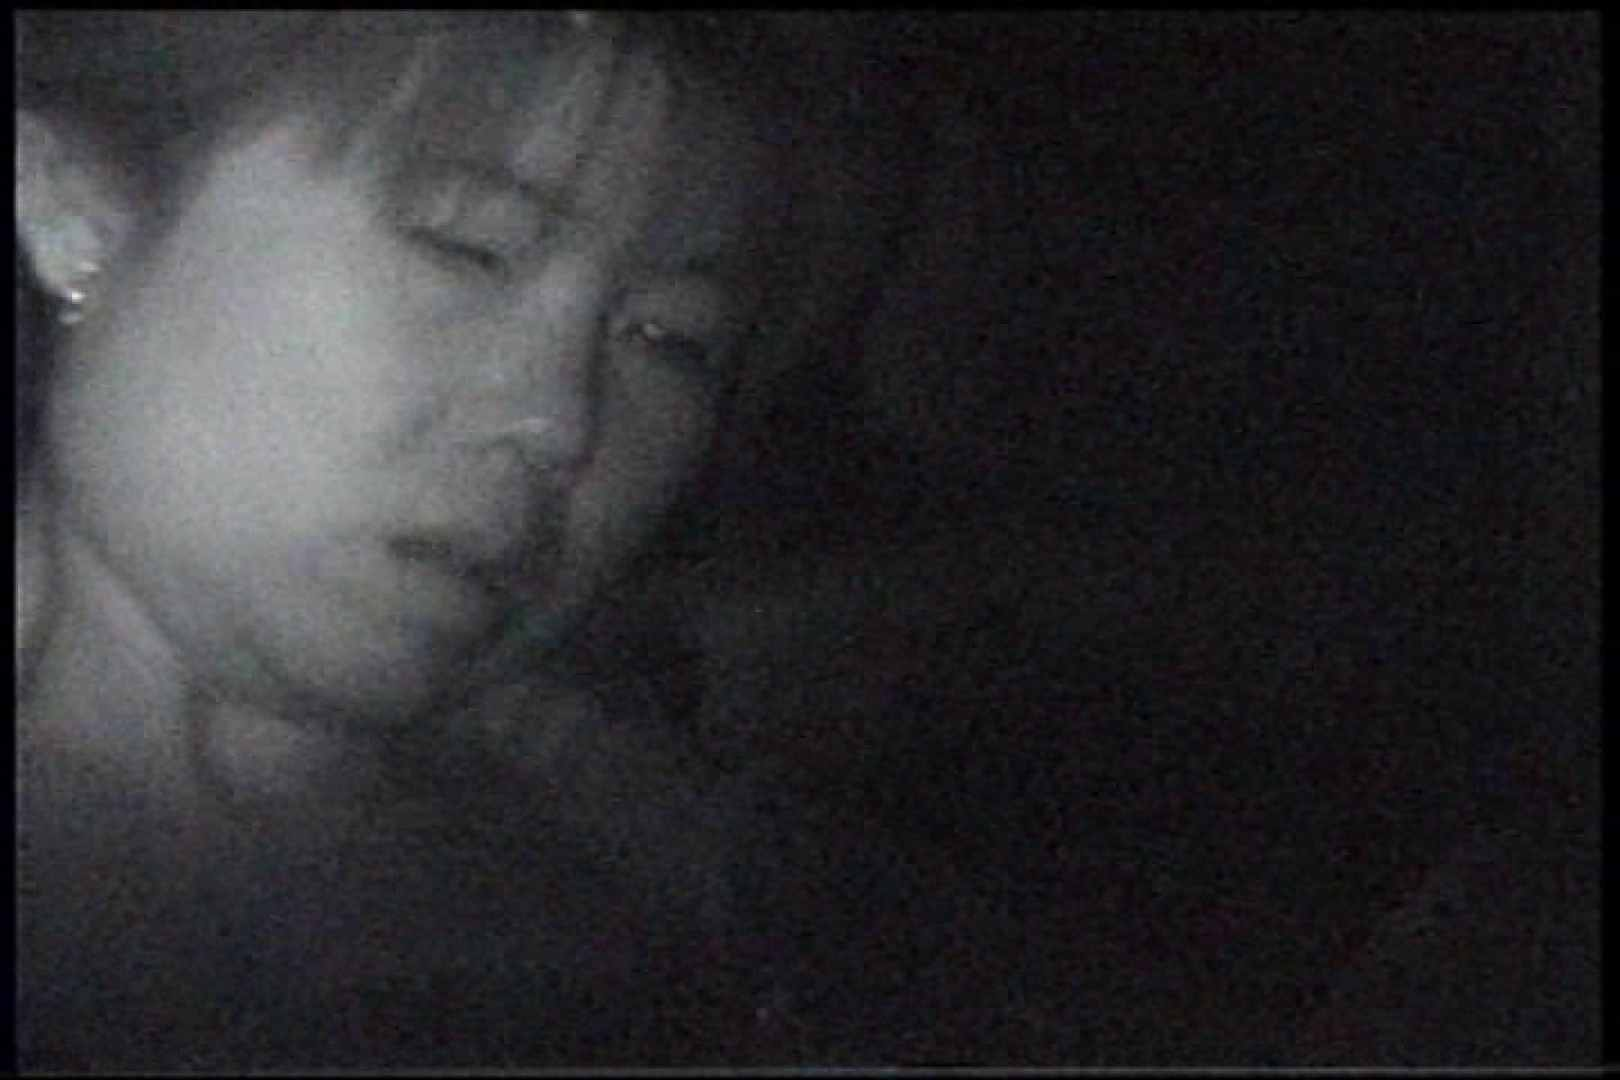 充血監督の深夜の運動会Vol.238 プライベート | 美しいOLの裸体  105pic 81